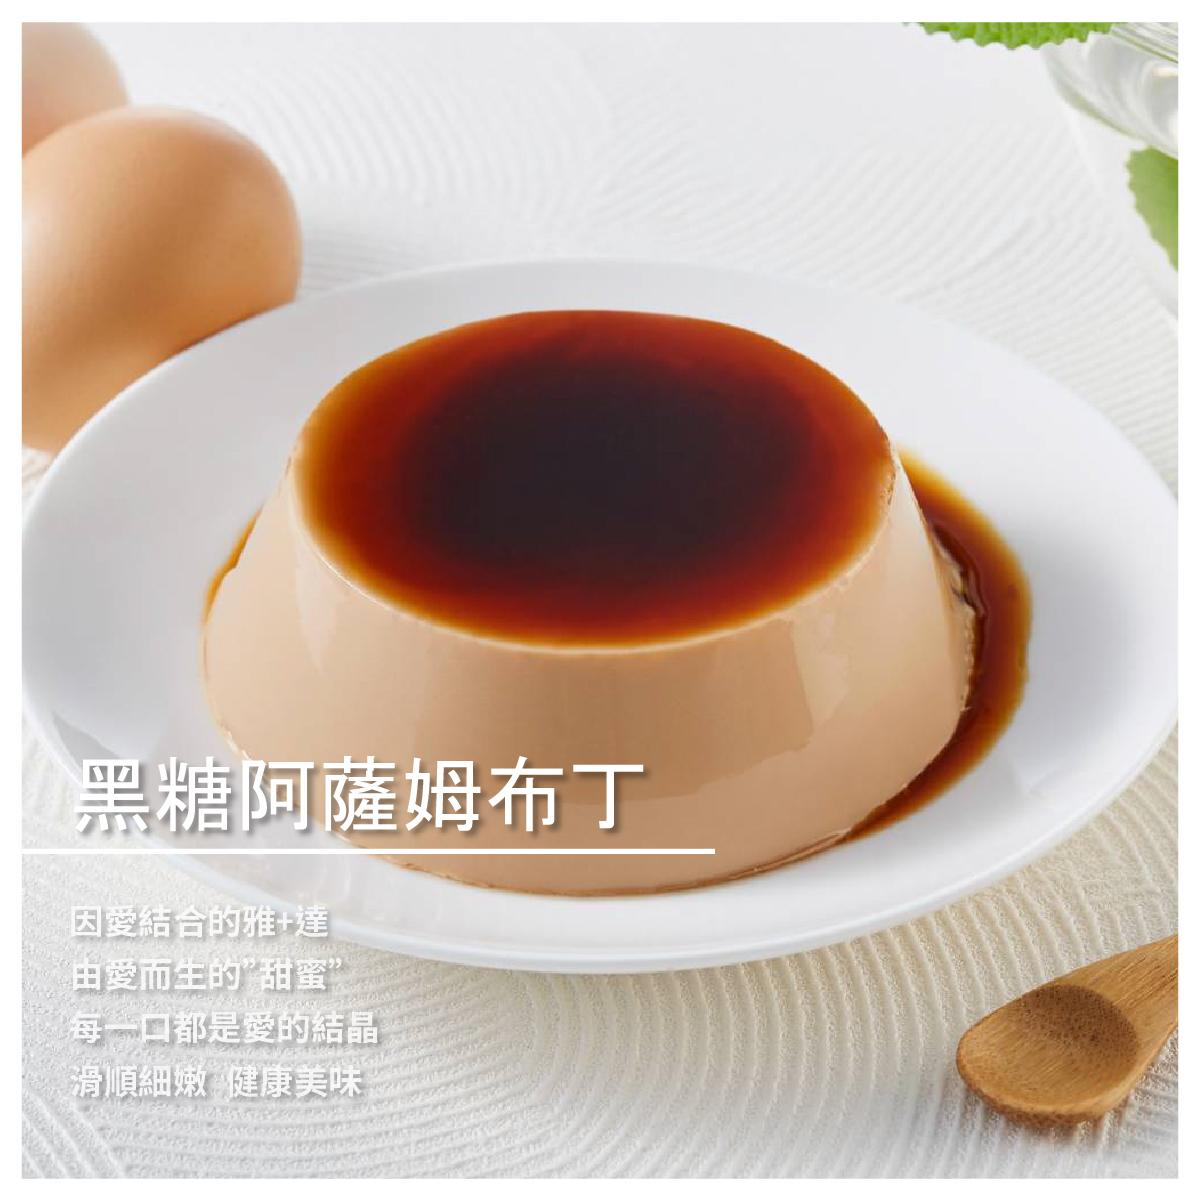 【雅+達奶酪布丁】渼物獨家優惠價 / 黑糖阿薩姆布丁/6入